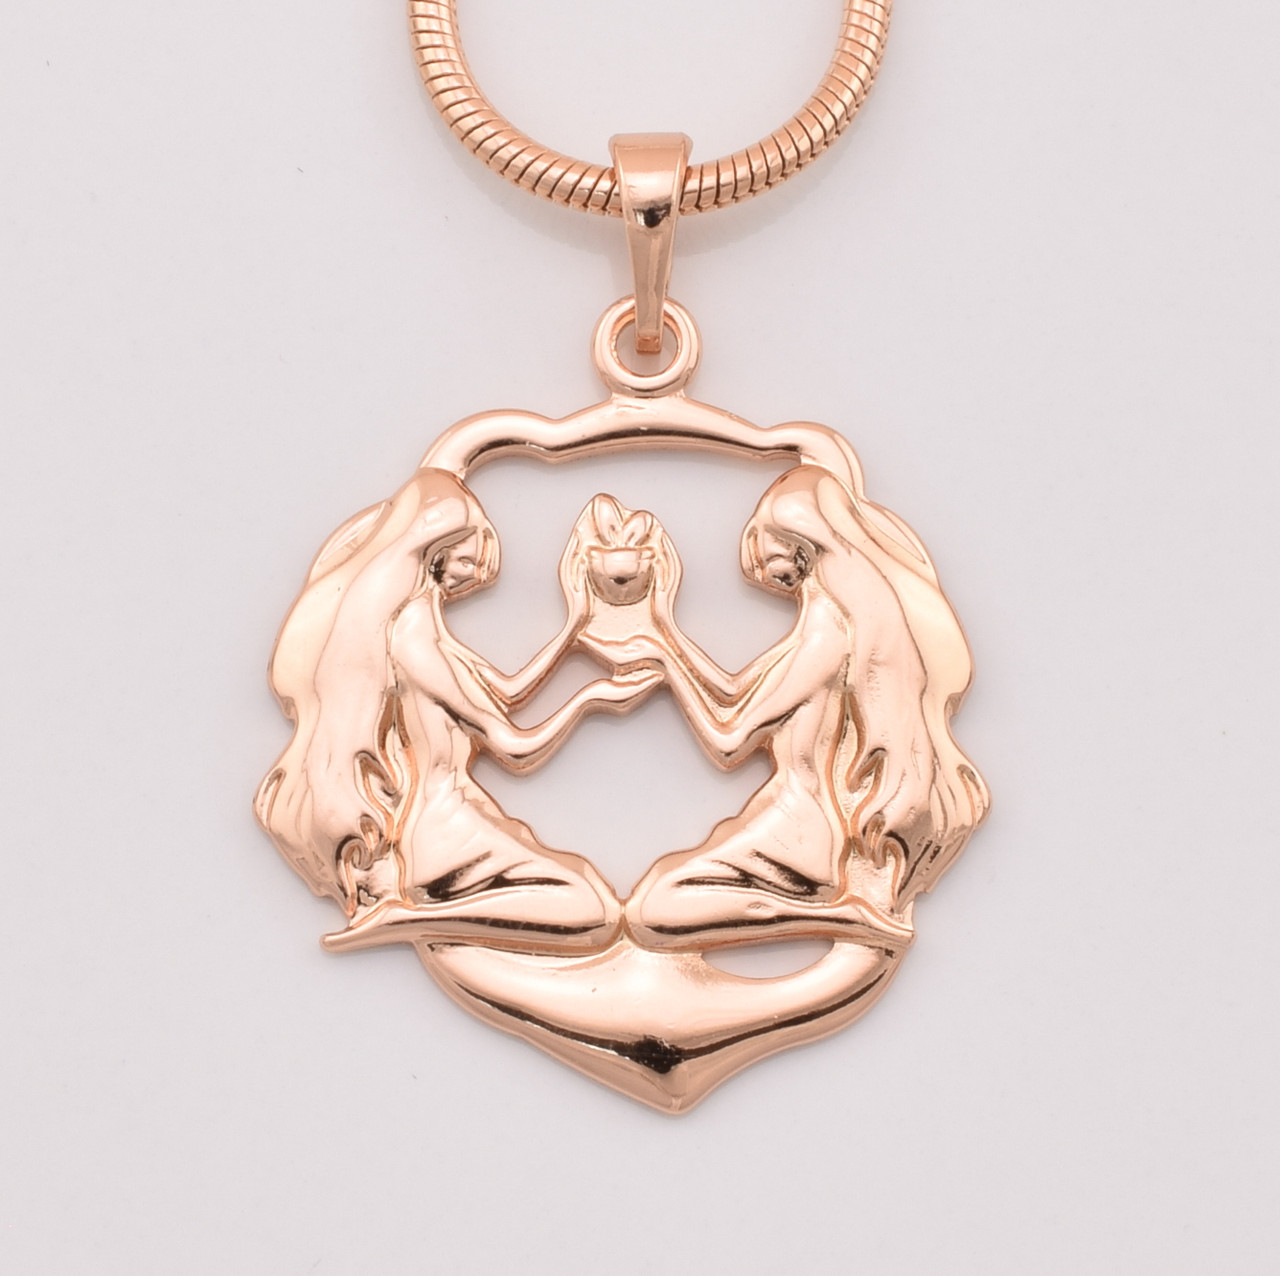 Знак зодиака Близнецы, 33664, размер 32*23 мм, позолота РО